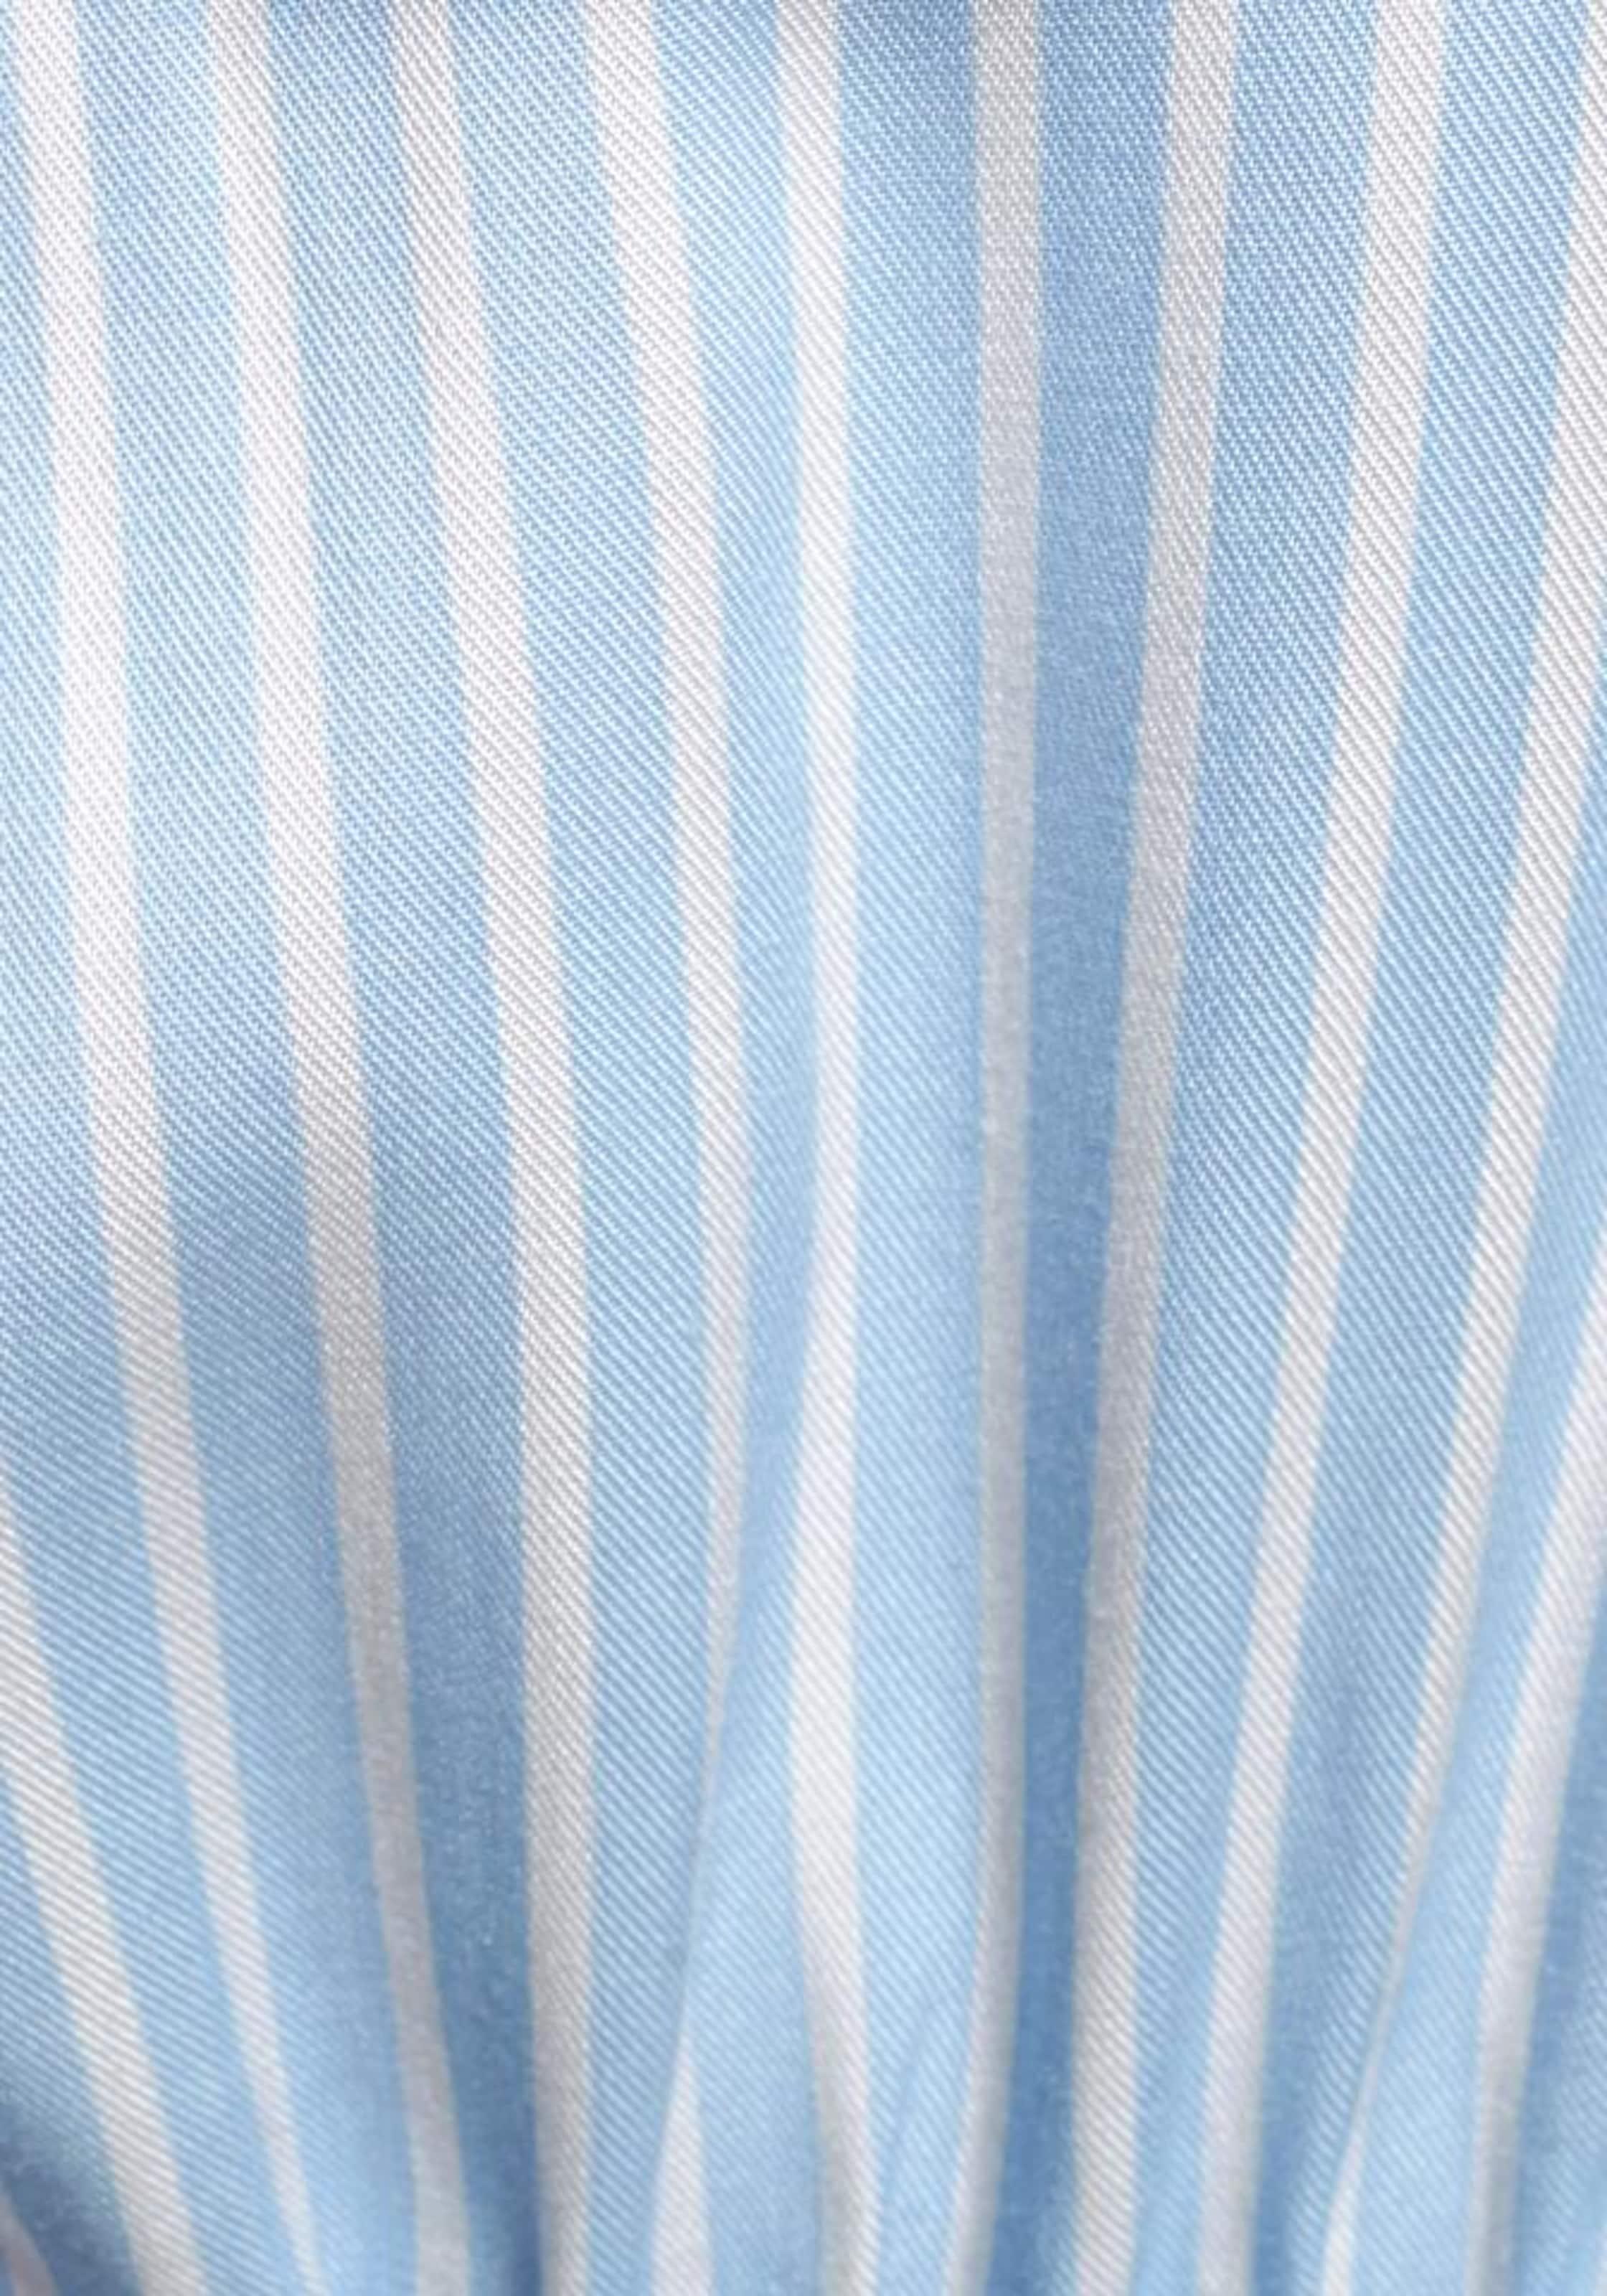 Kleid Scott Laura Scott Laura HellblauWeiß Laura HellblauWeiß Kleid In In TFK3lJ1c